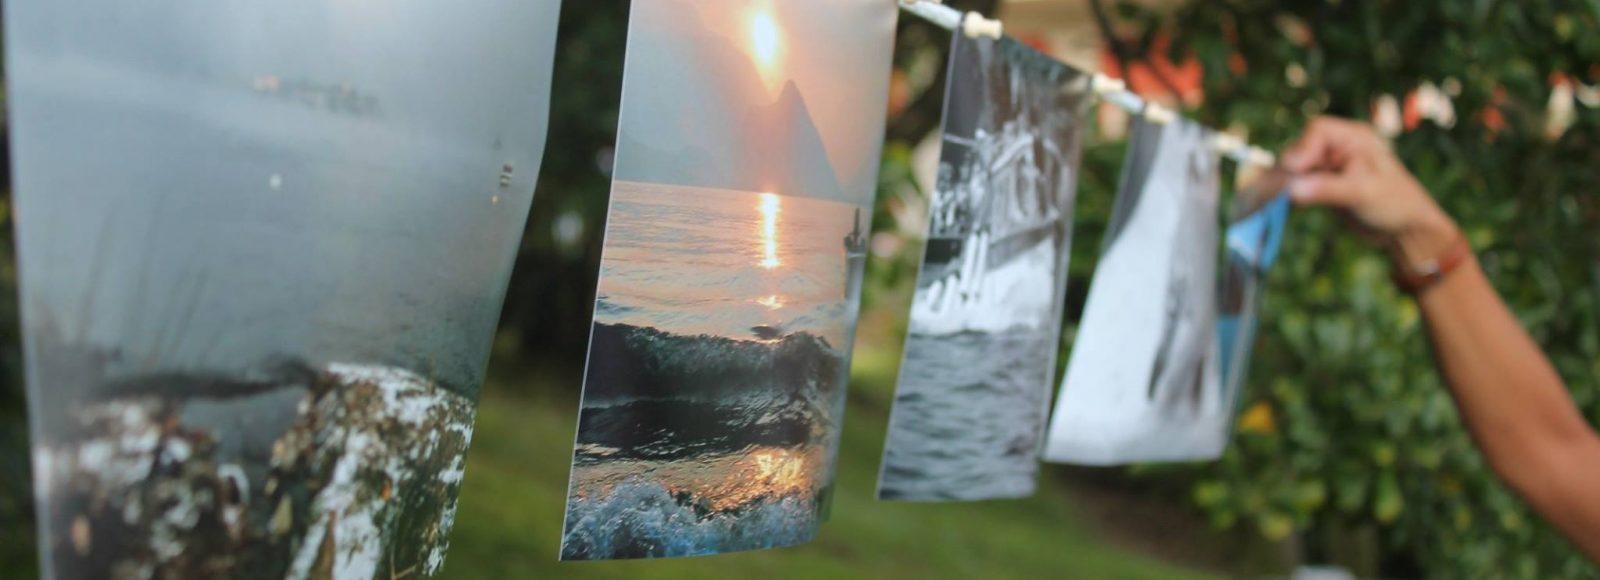 Concorso fotografico – Premio Guidi 2014